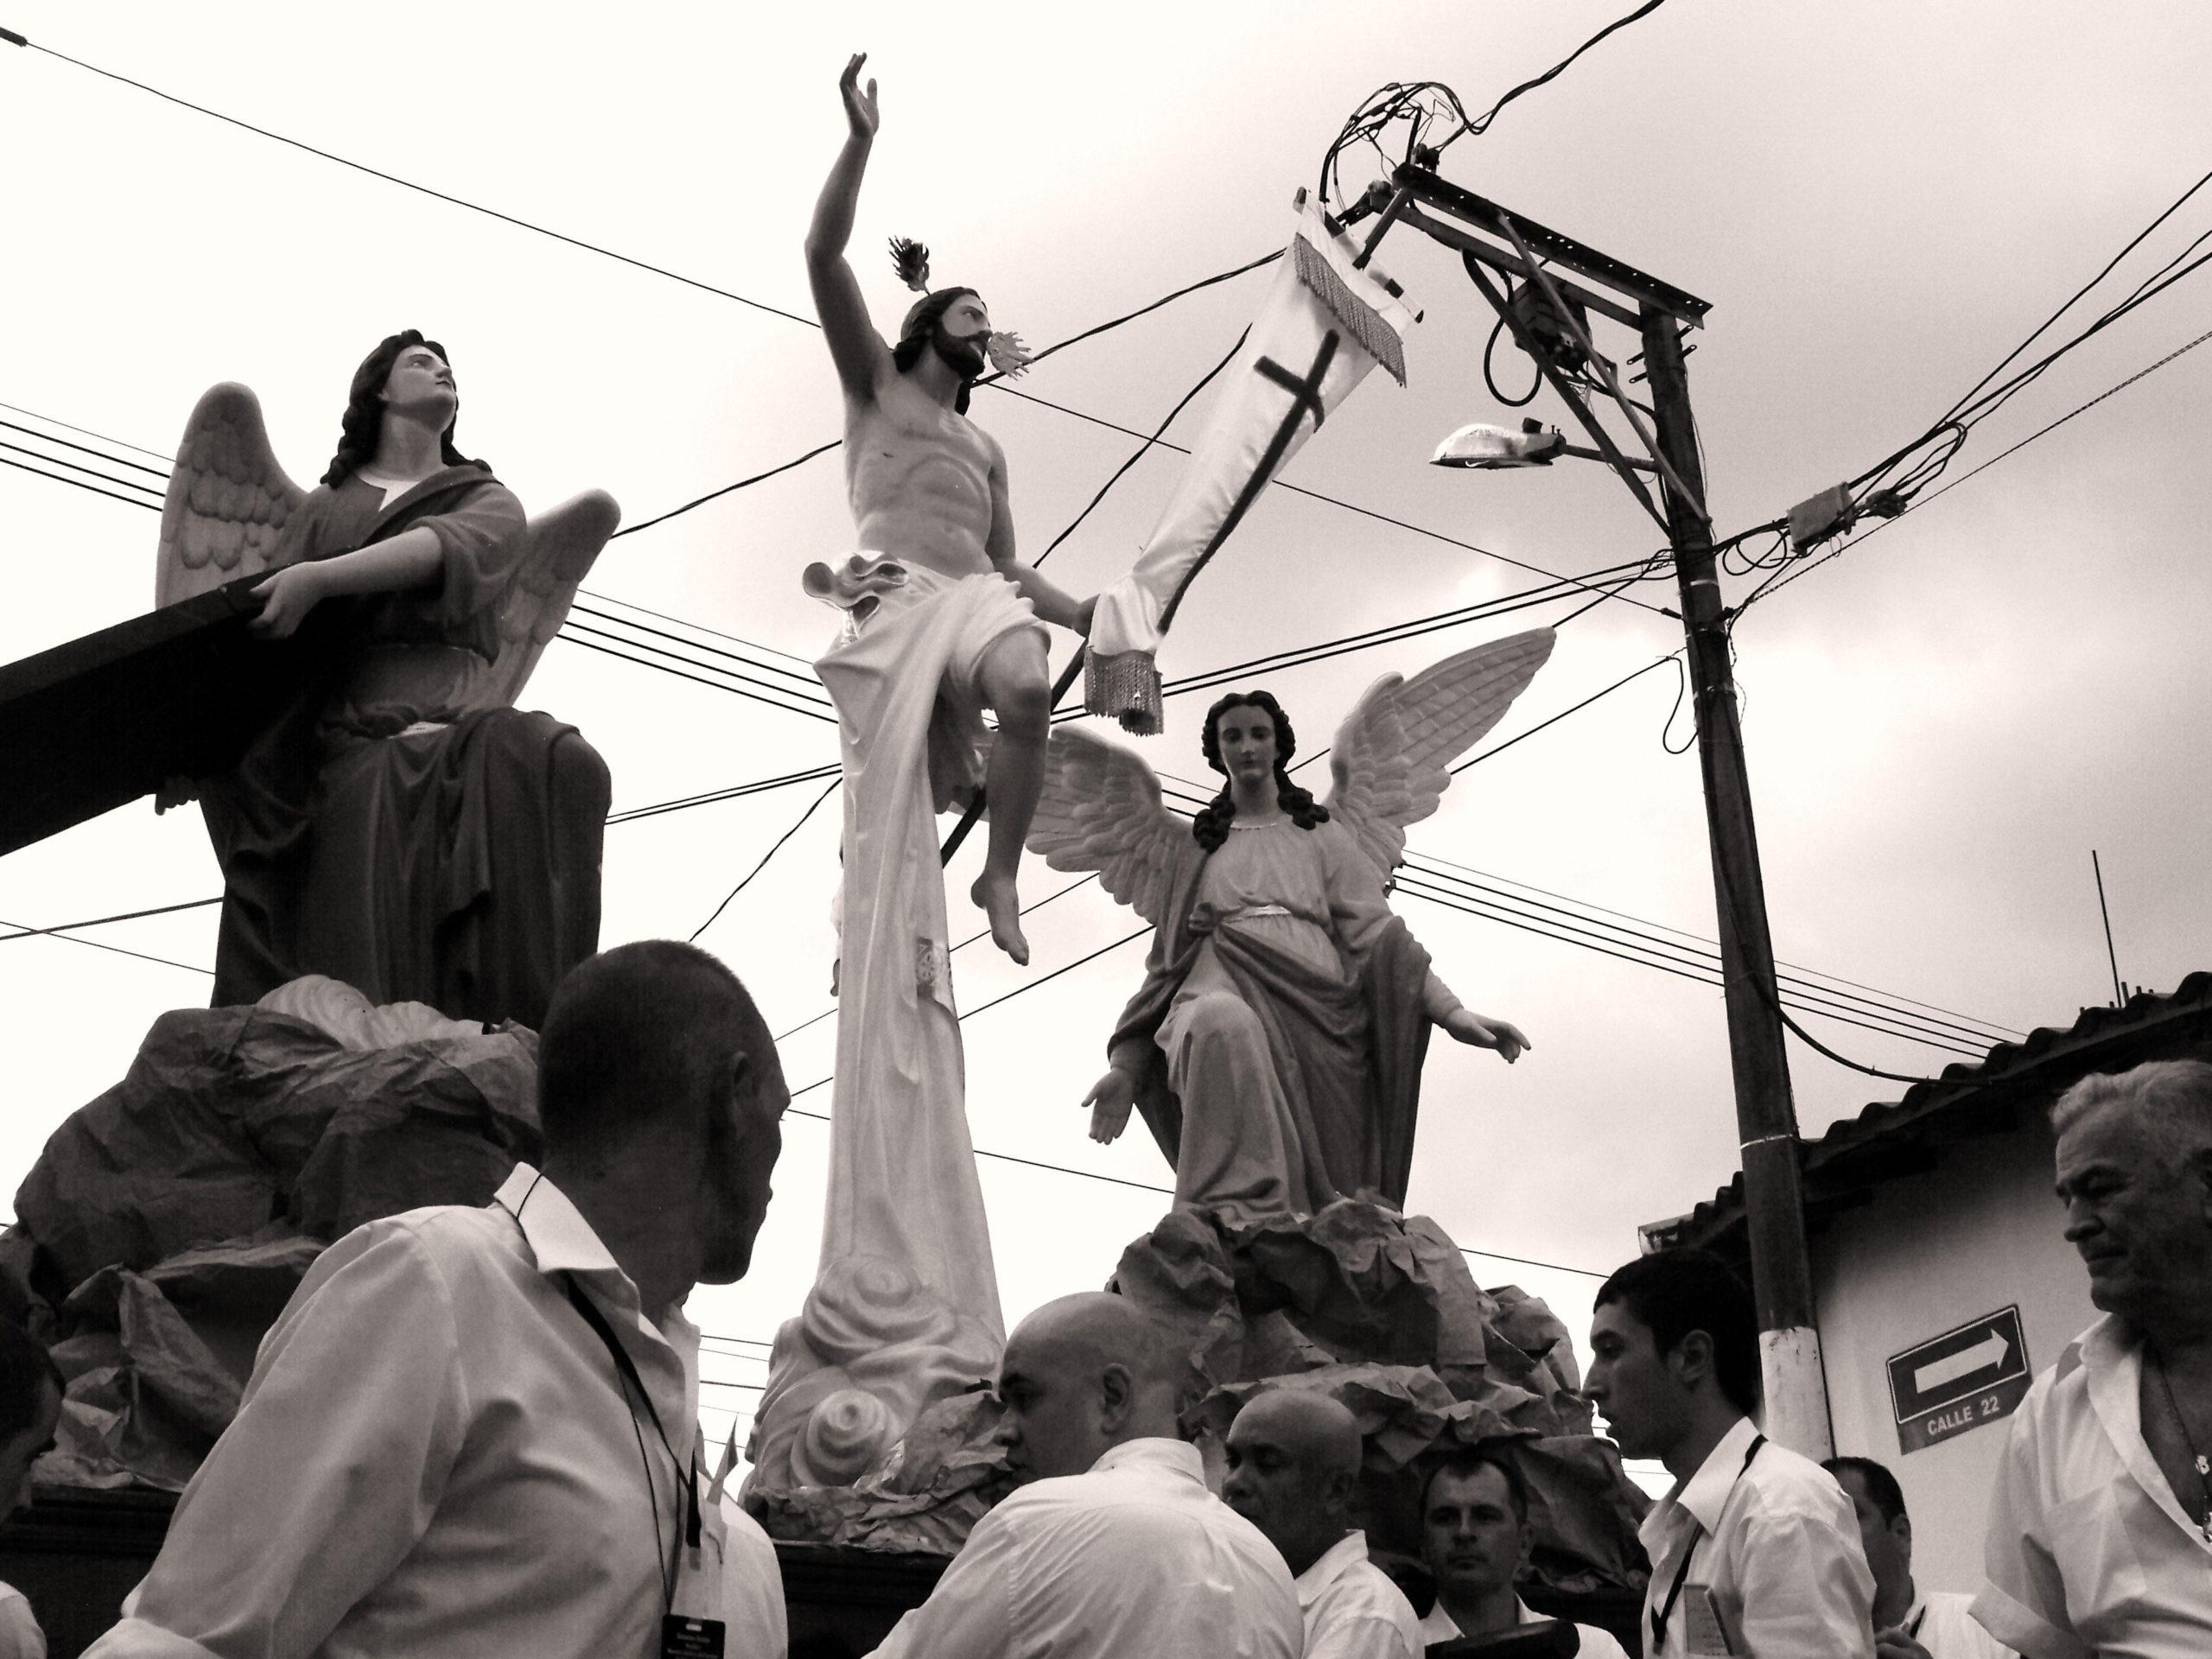 Střídání nejváženějších mužů u alegorie vzkříšení. La Ceja, Kolumbie.